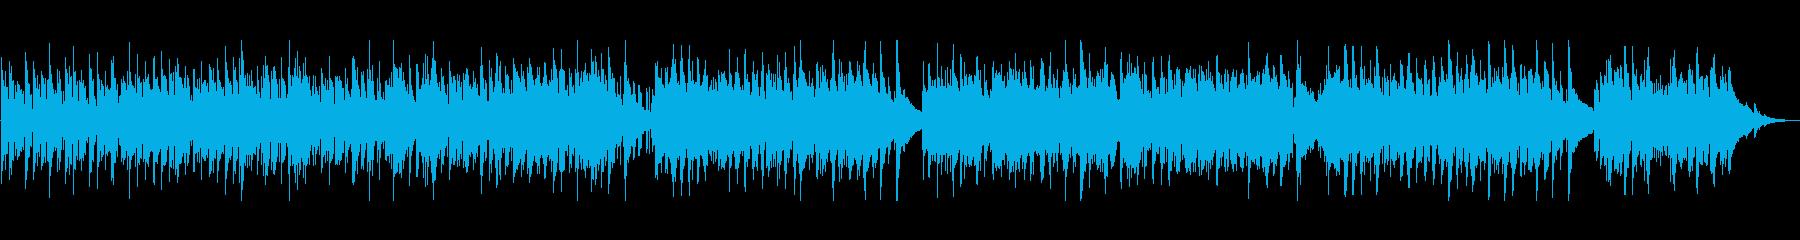 ギターが特徴的なボサノバの再生済みの波形